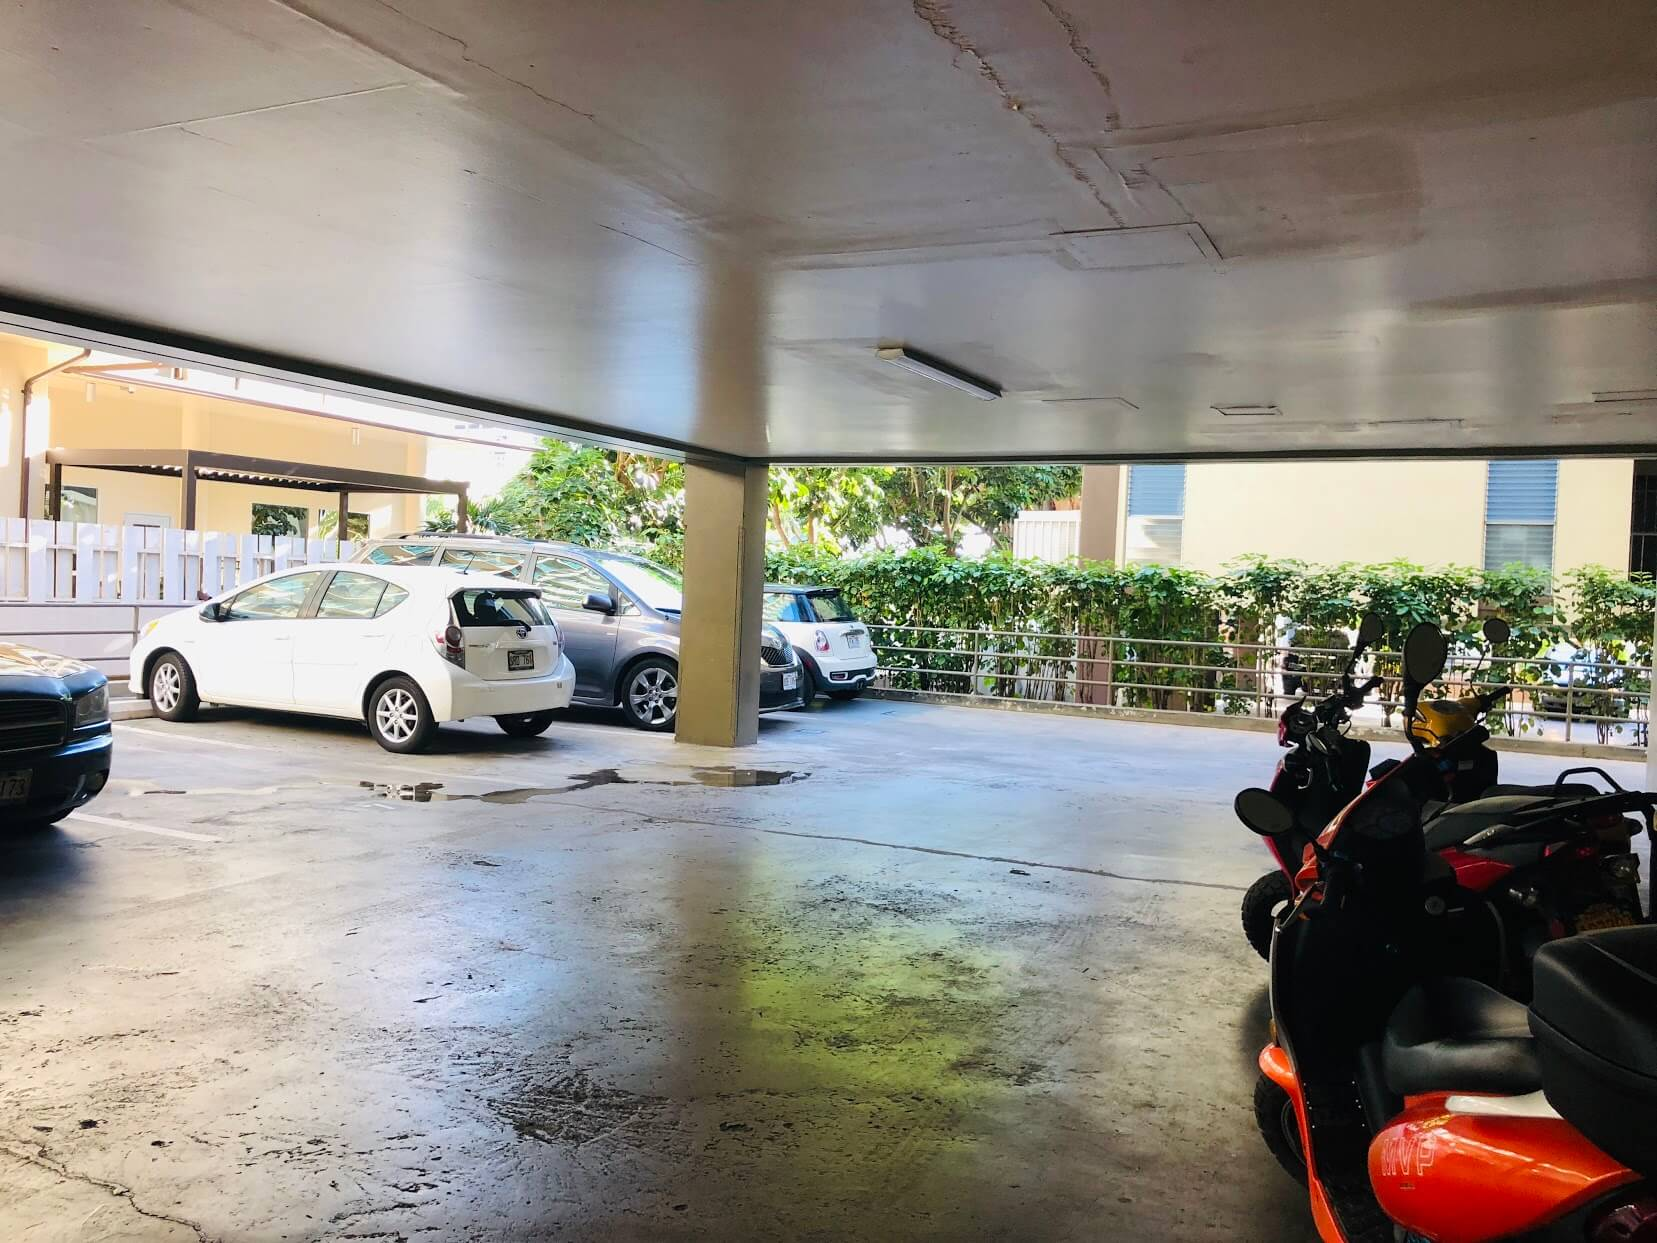 Walina Apartmentsの駐車場